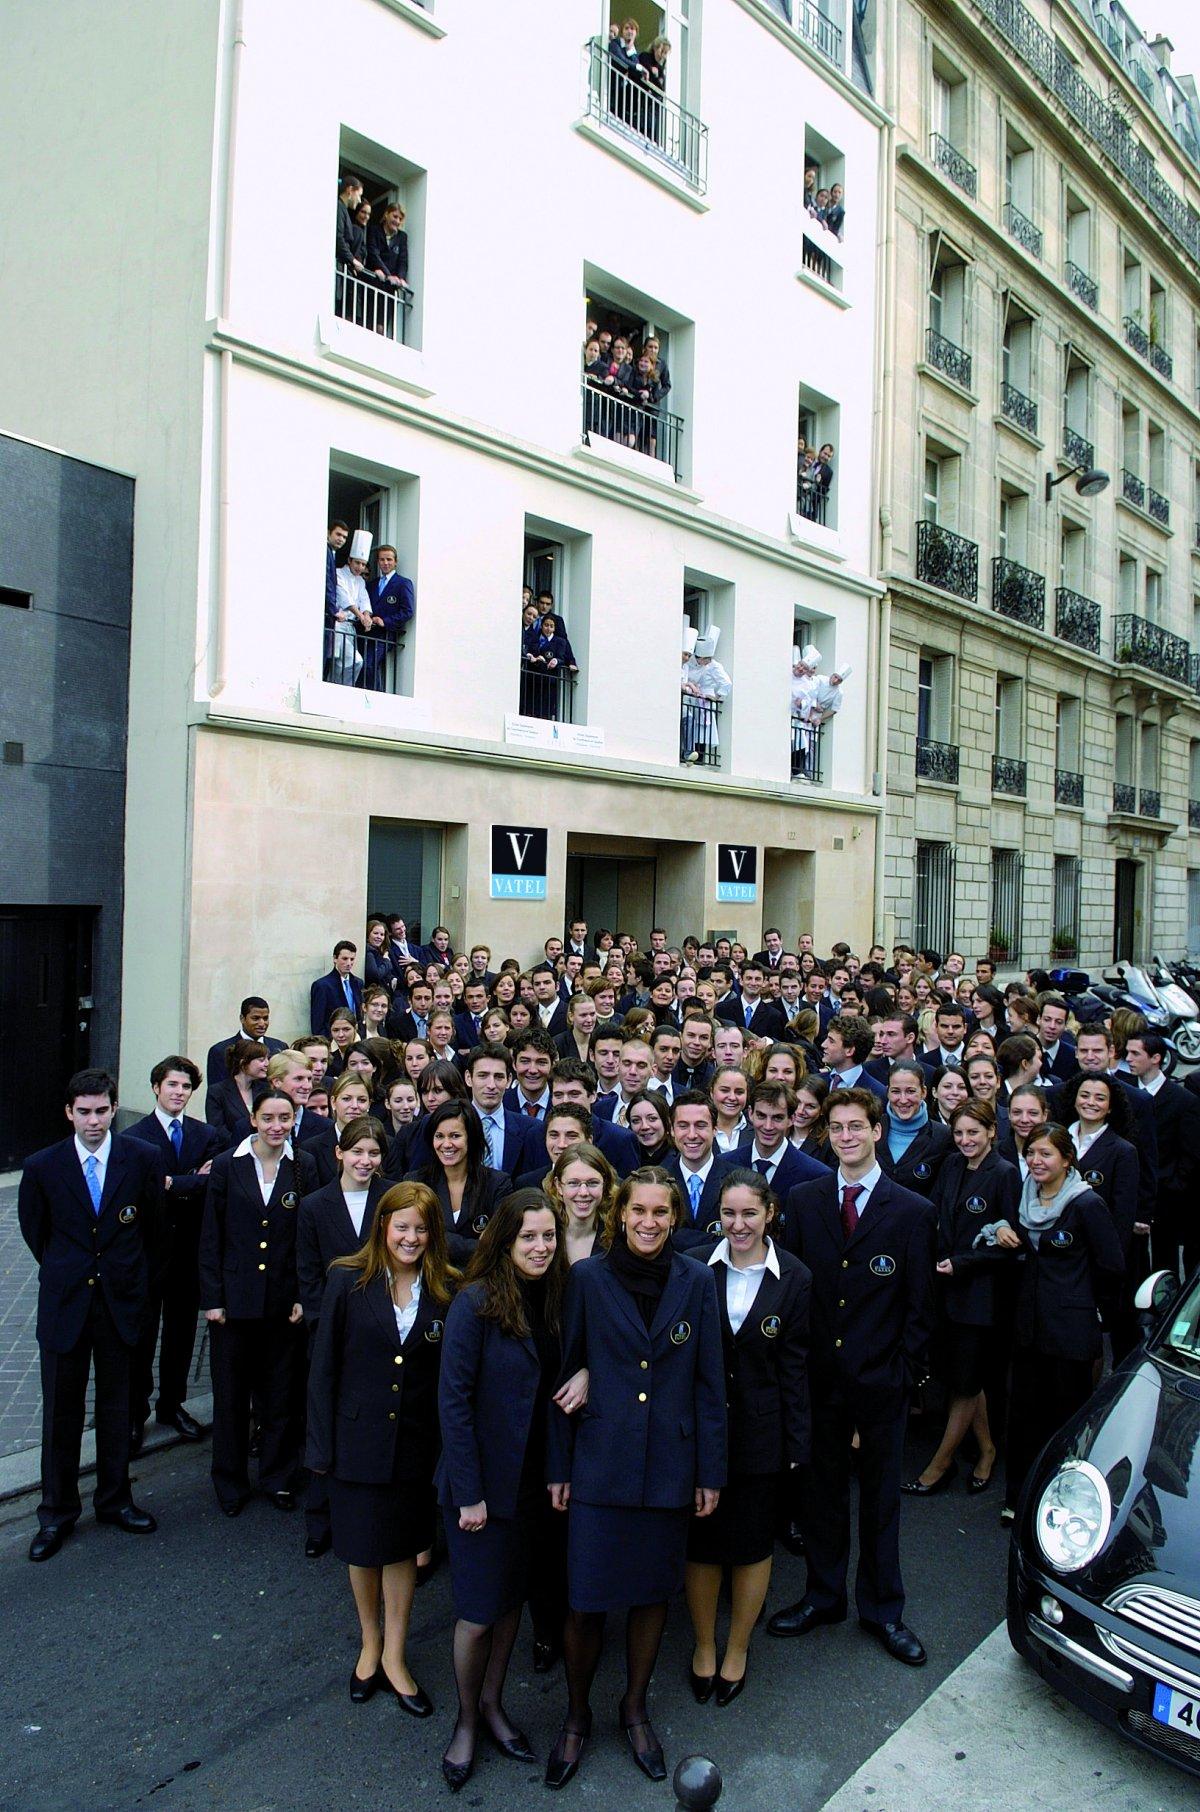 Vatel Paris - Campus - 1